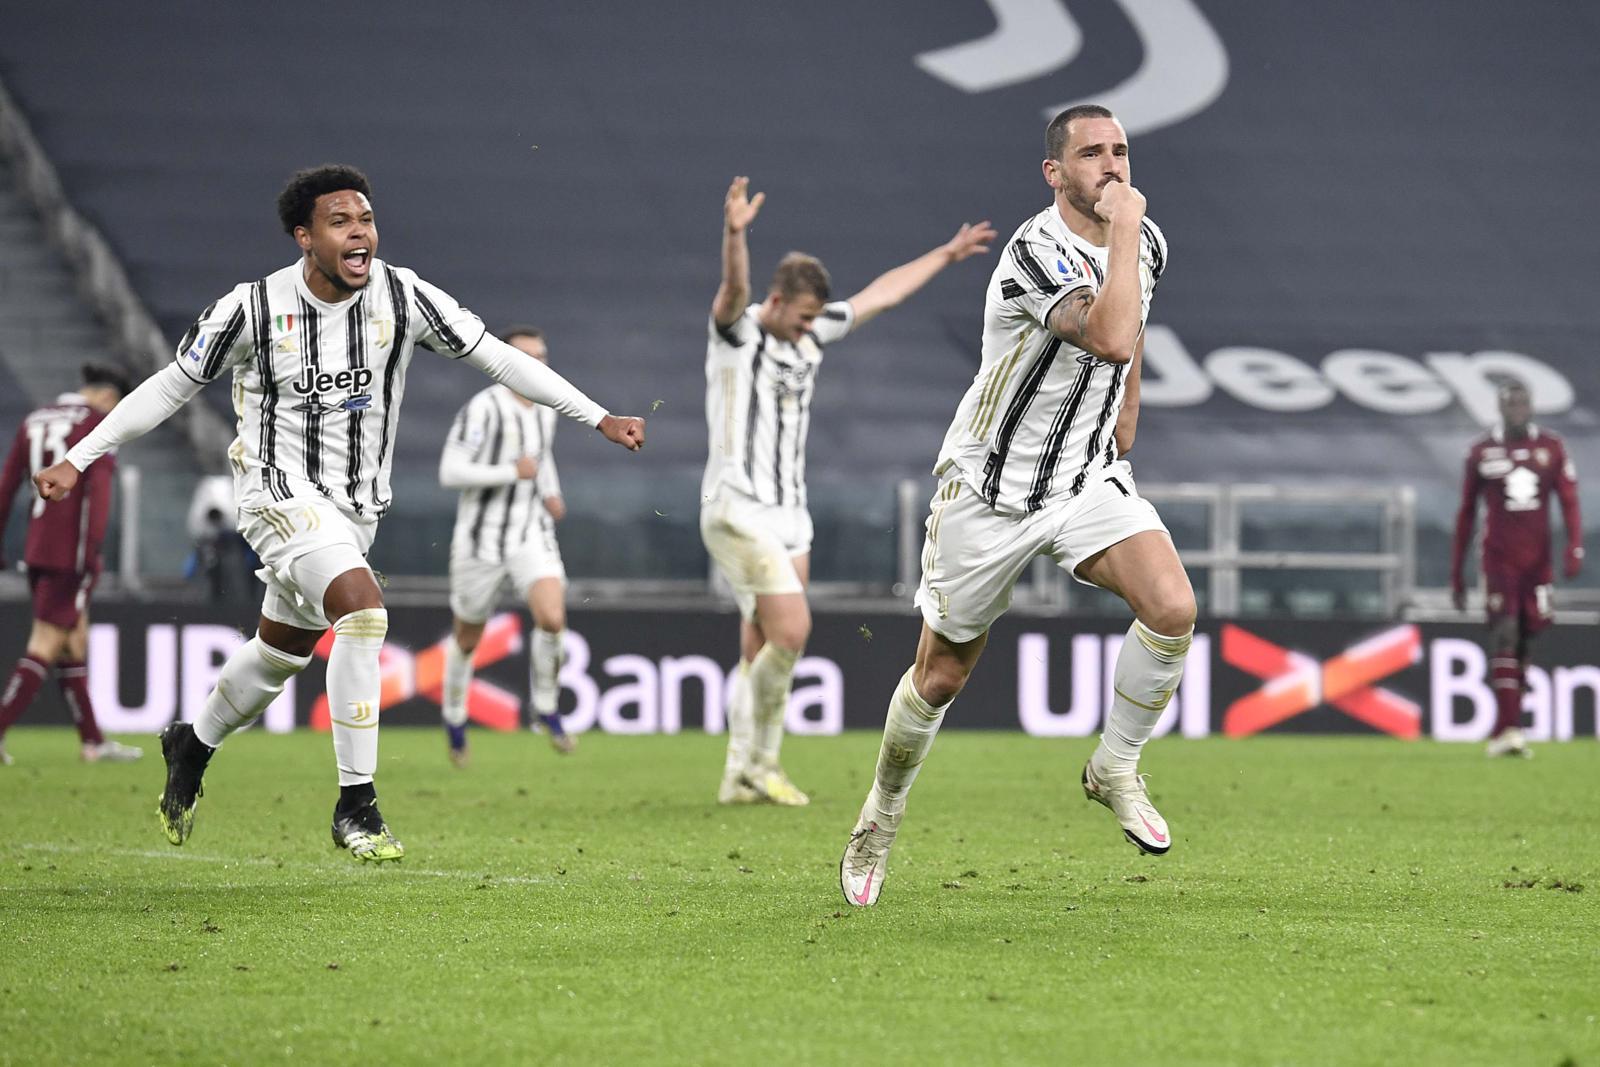 La Juve vince il derby grazie a Bonucci: nuova rimonta subita dal Torino